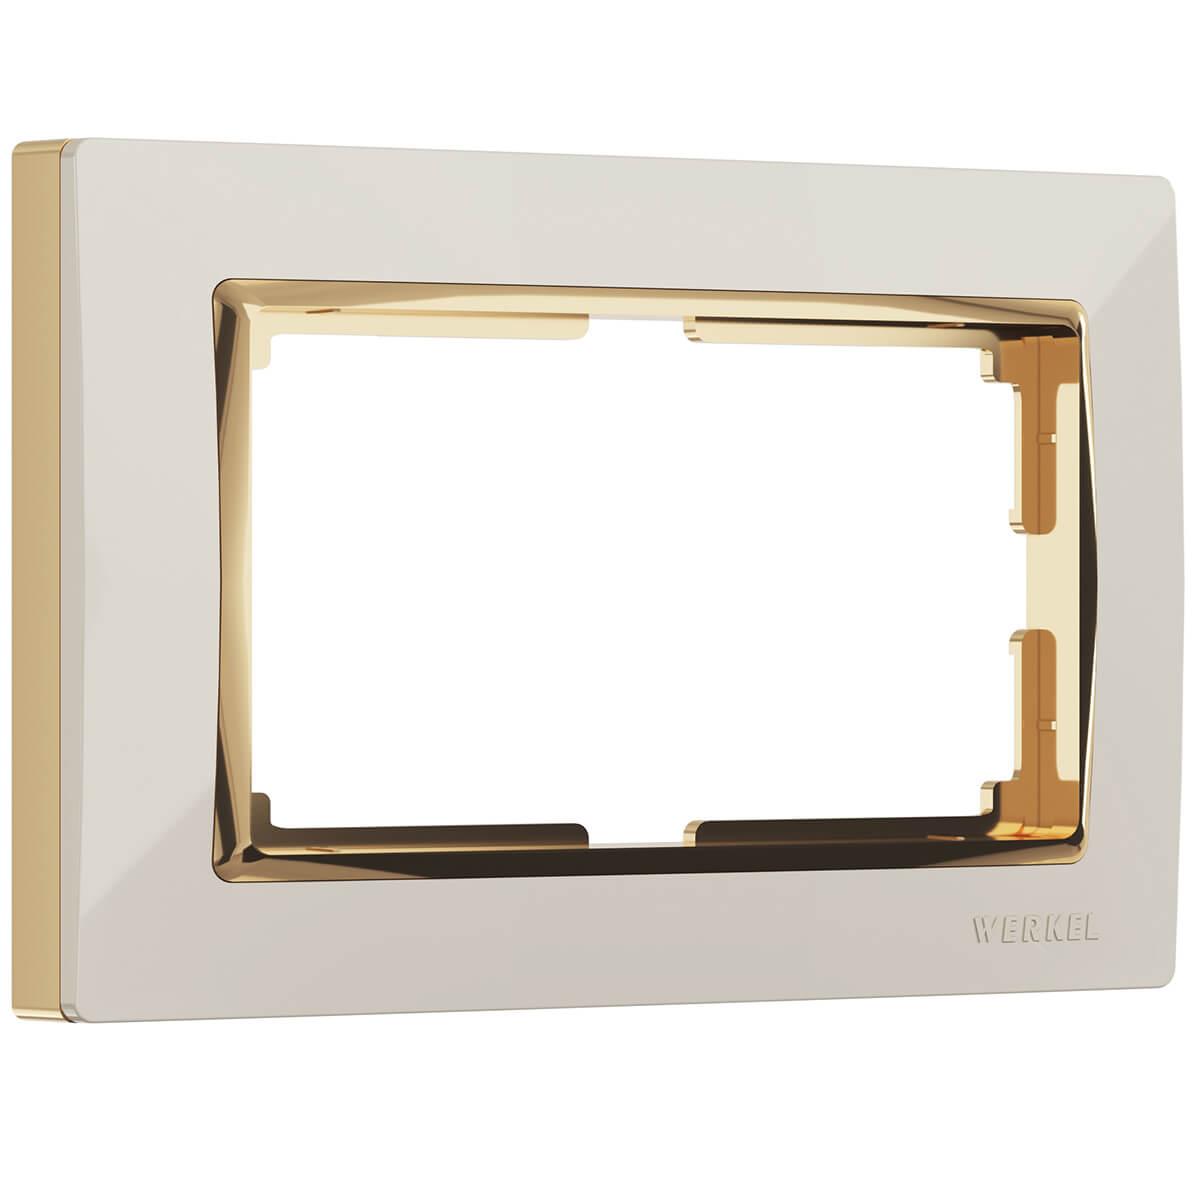 цена на Рамка Snabb для двойной розетки слоновая кость/золото WL03-Frame-01-DBL-ivory/GD 4690389083853